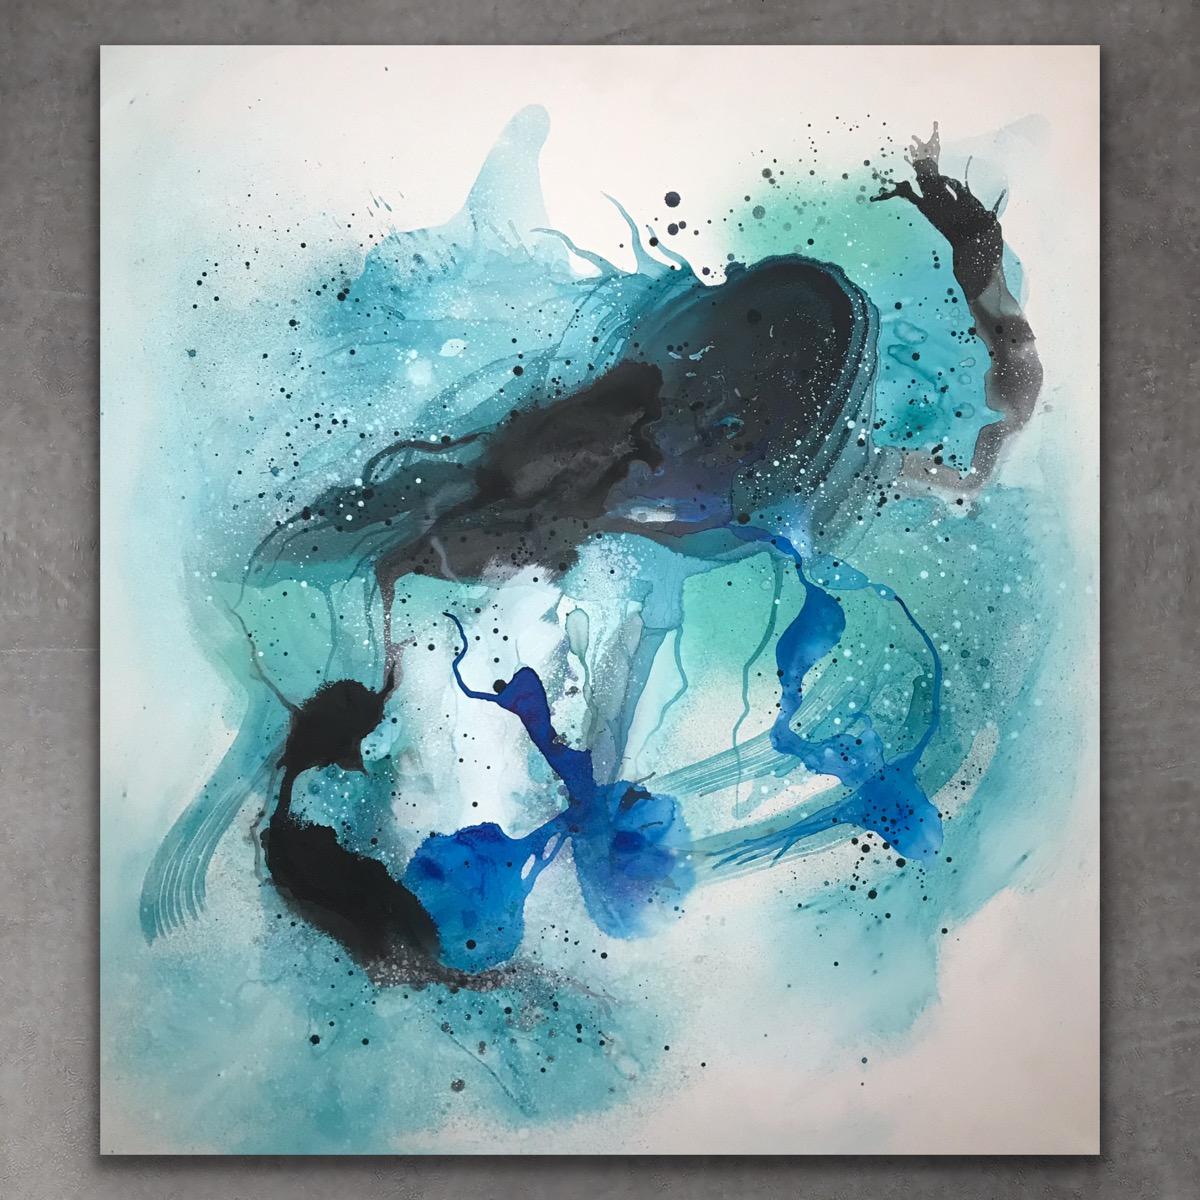 Take a deep breath 2 stk 100x90 - art by